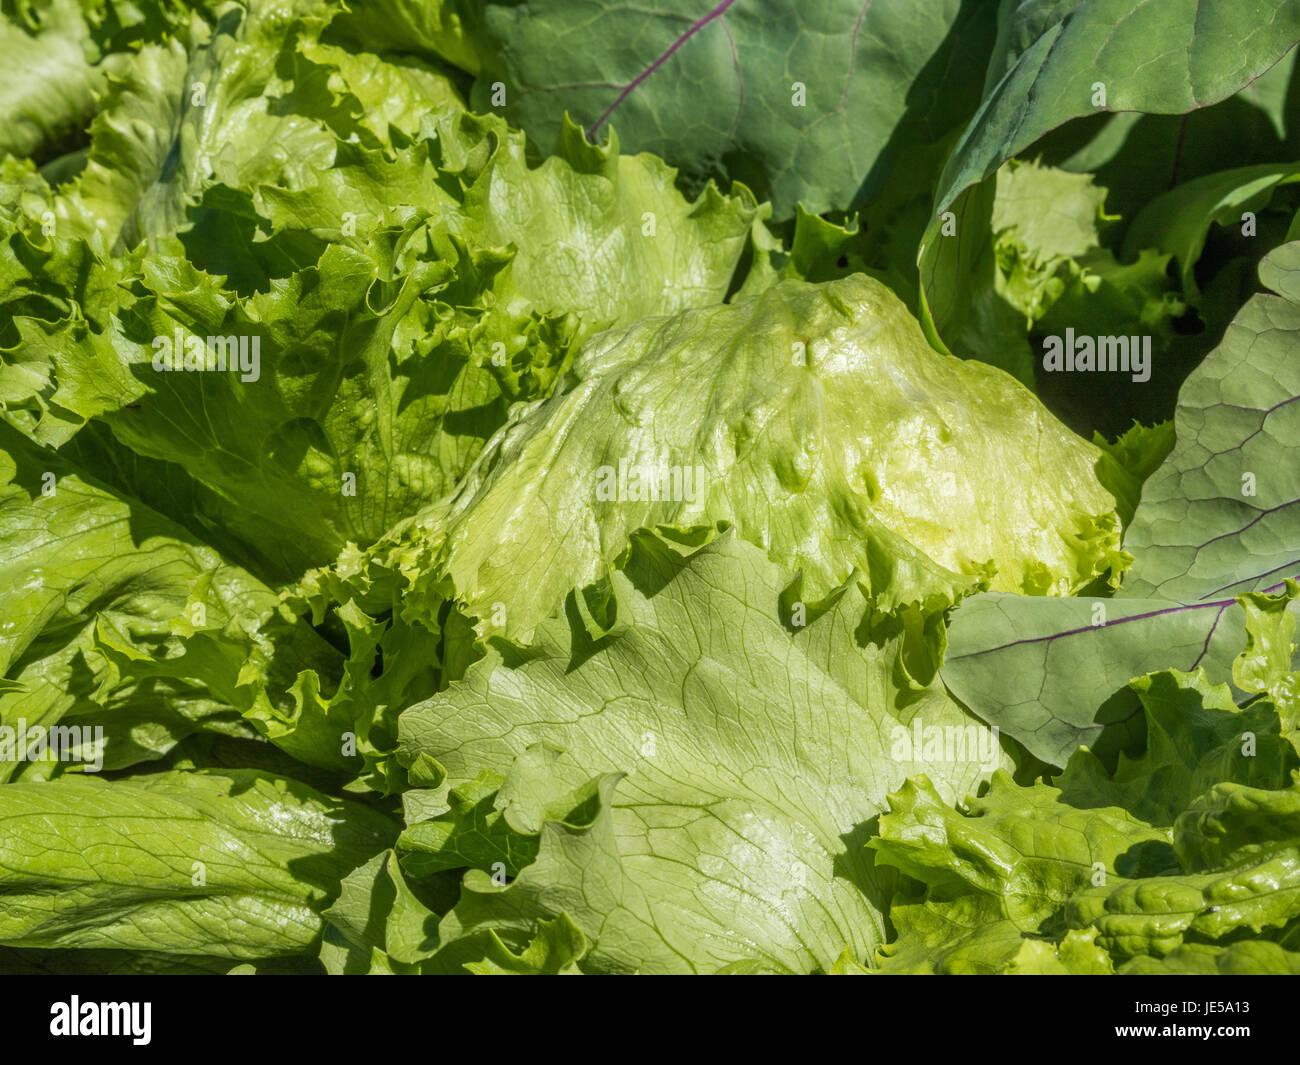 Salat Pflanzen In Einem Hochbeet Im Krautergarten Im Kloster